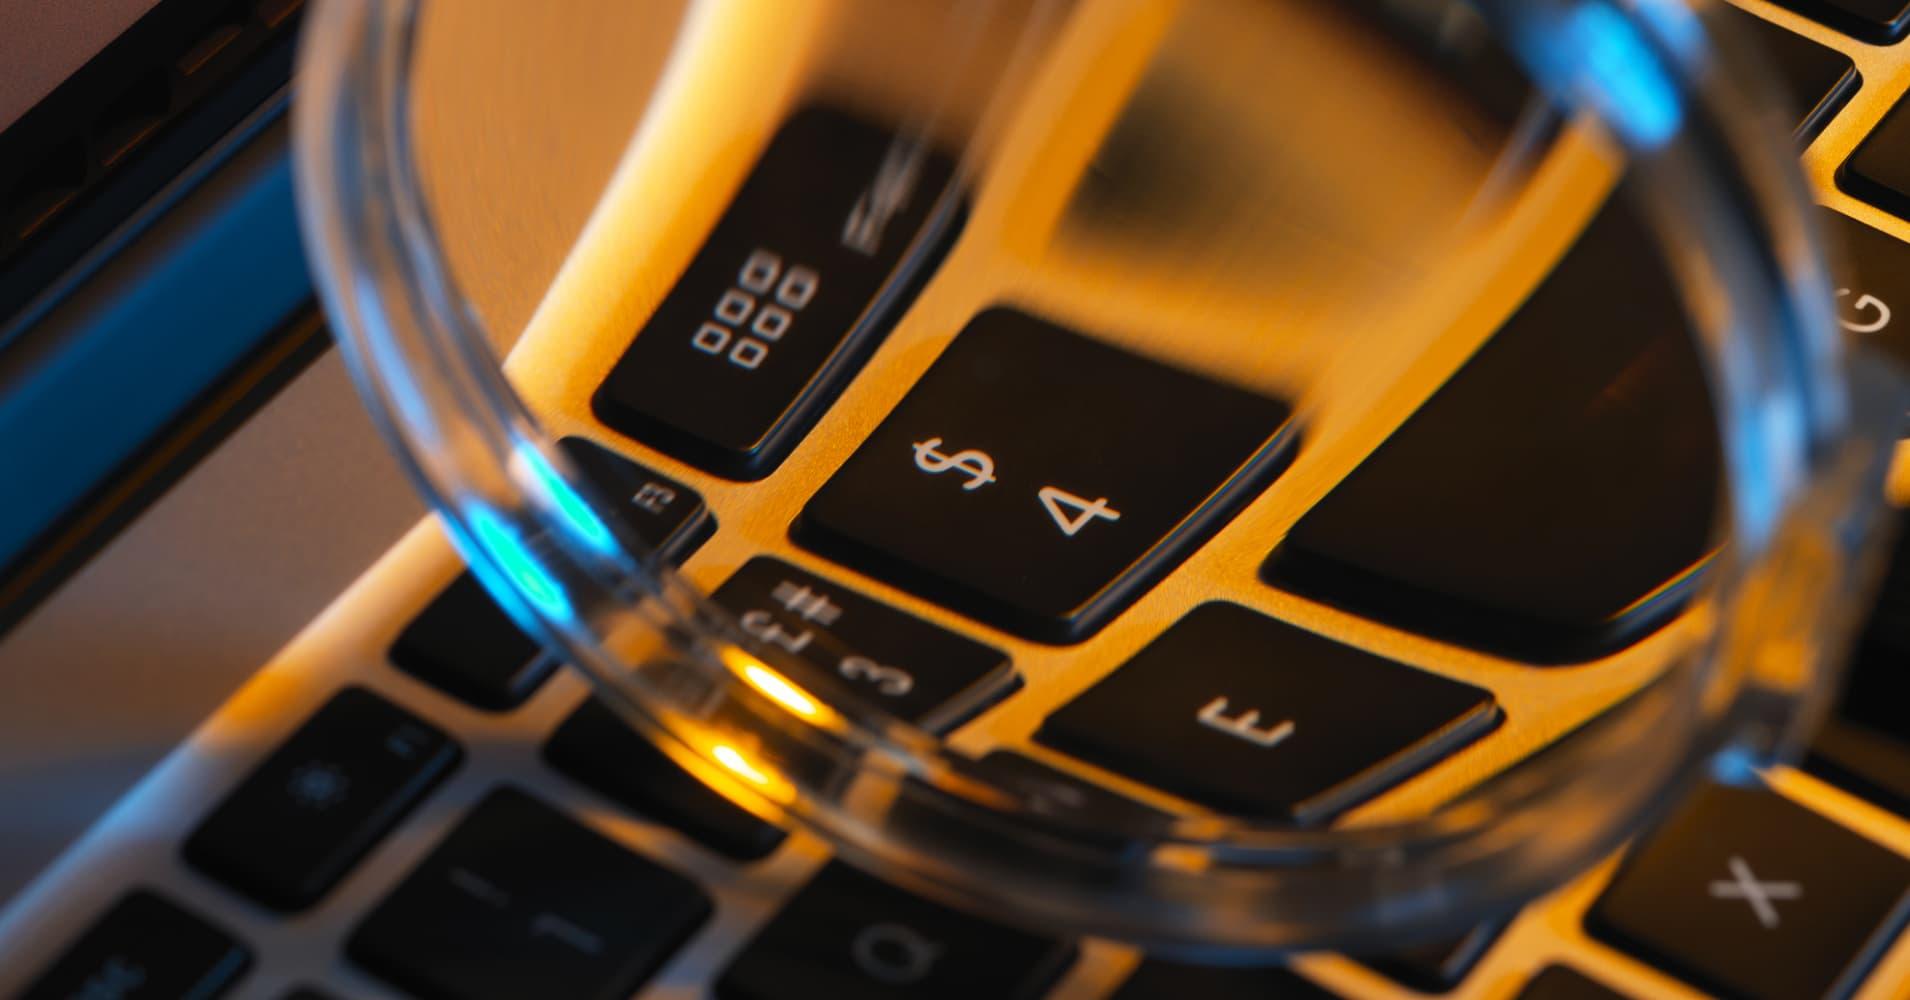 Proxy List Рабочих Txt 2 16 Download - Купить Прокси Рабочие Для